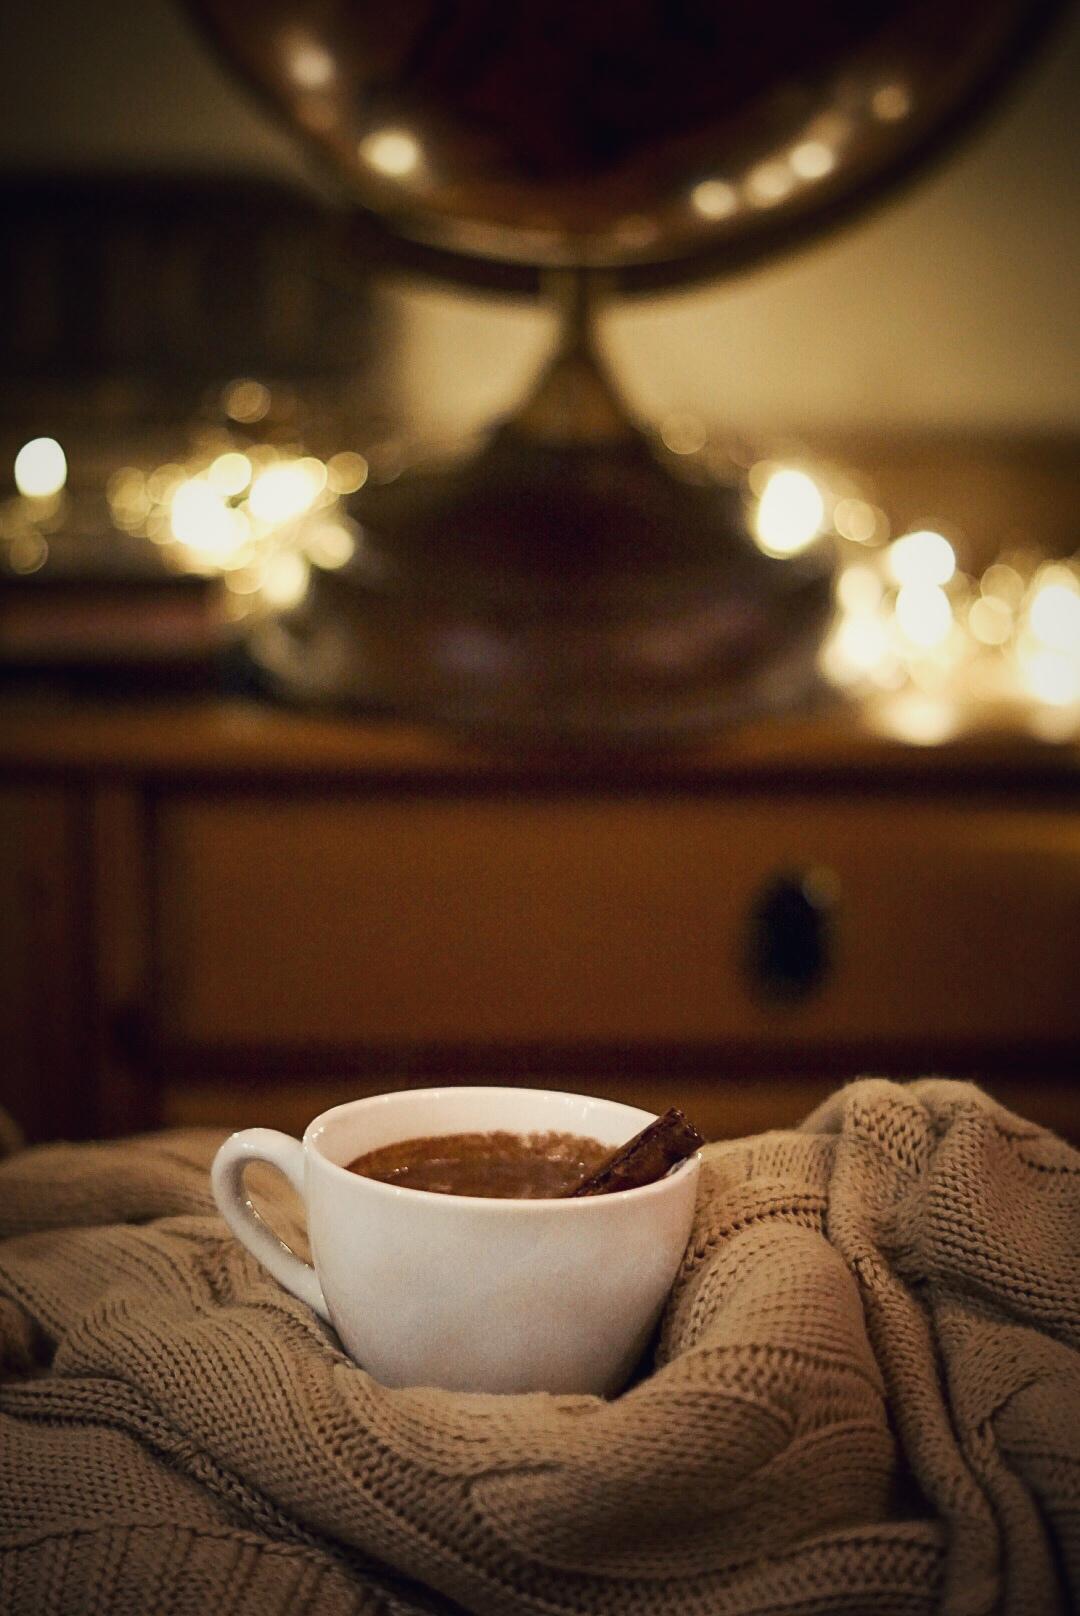 TK Maxx homeware red wine hot chocolate cosy